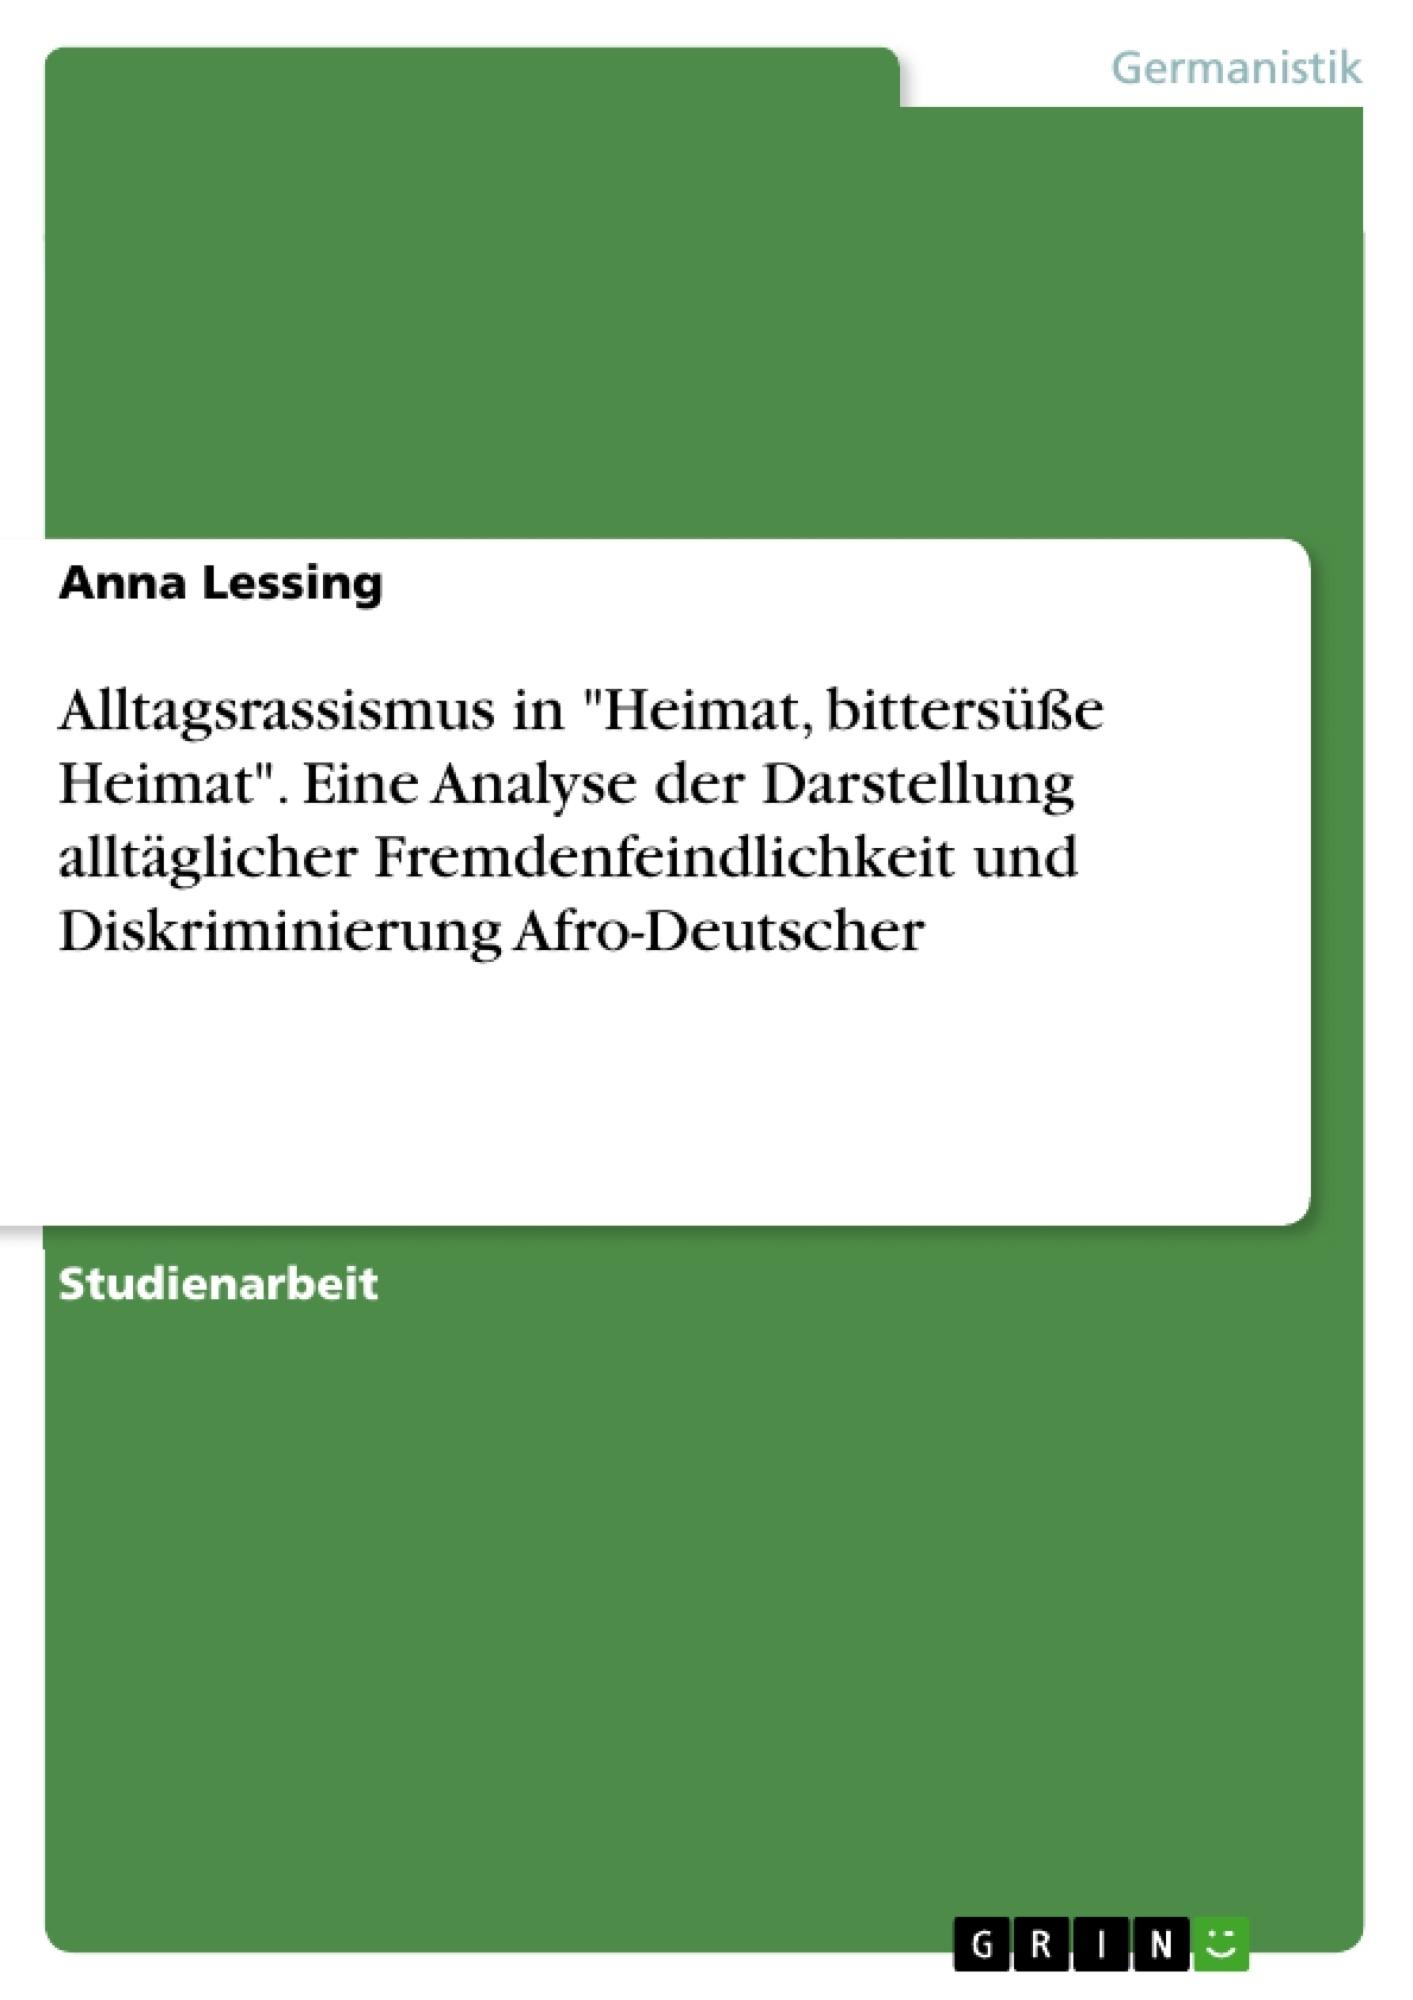 """Titel: Alltagsrassismus in """"Heimat, bittersüße Heimat"""". Eine Analyse der Darstellung alltäglicher Fremdenfeindlichkeit und Diskriminierung Afro-Deutscher"""